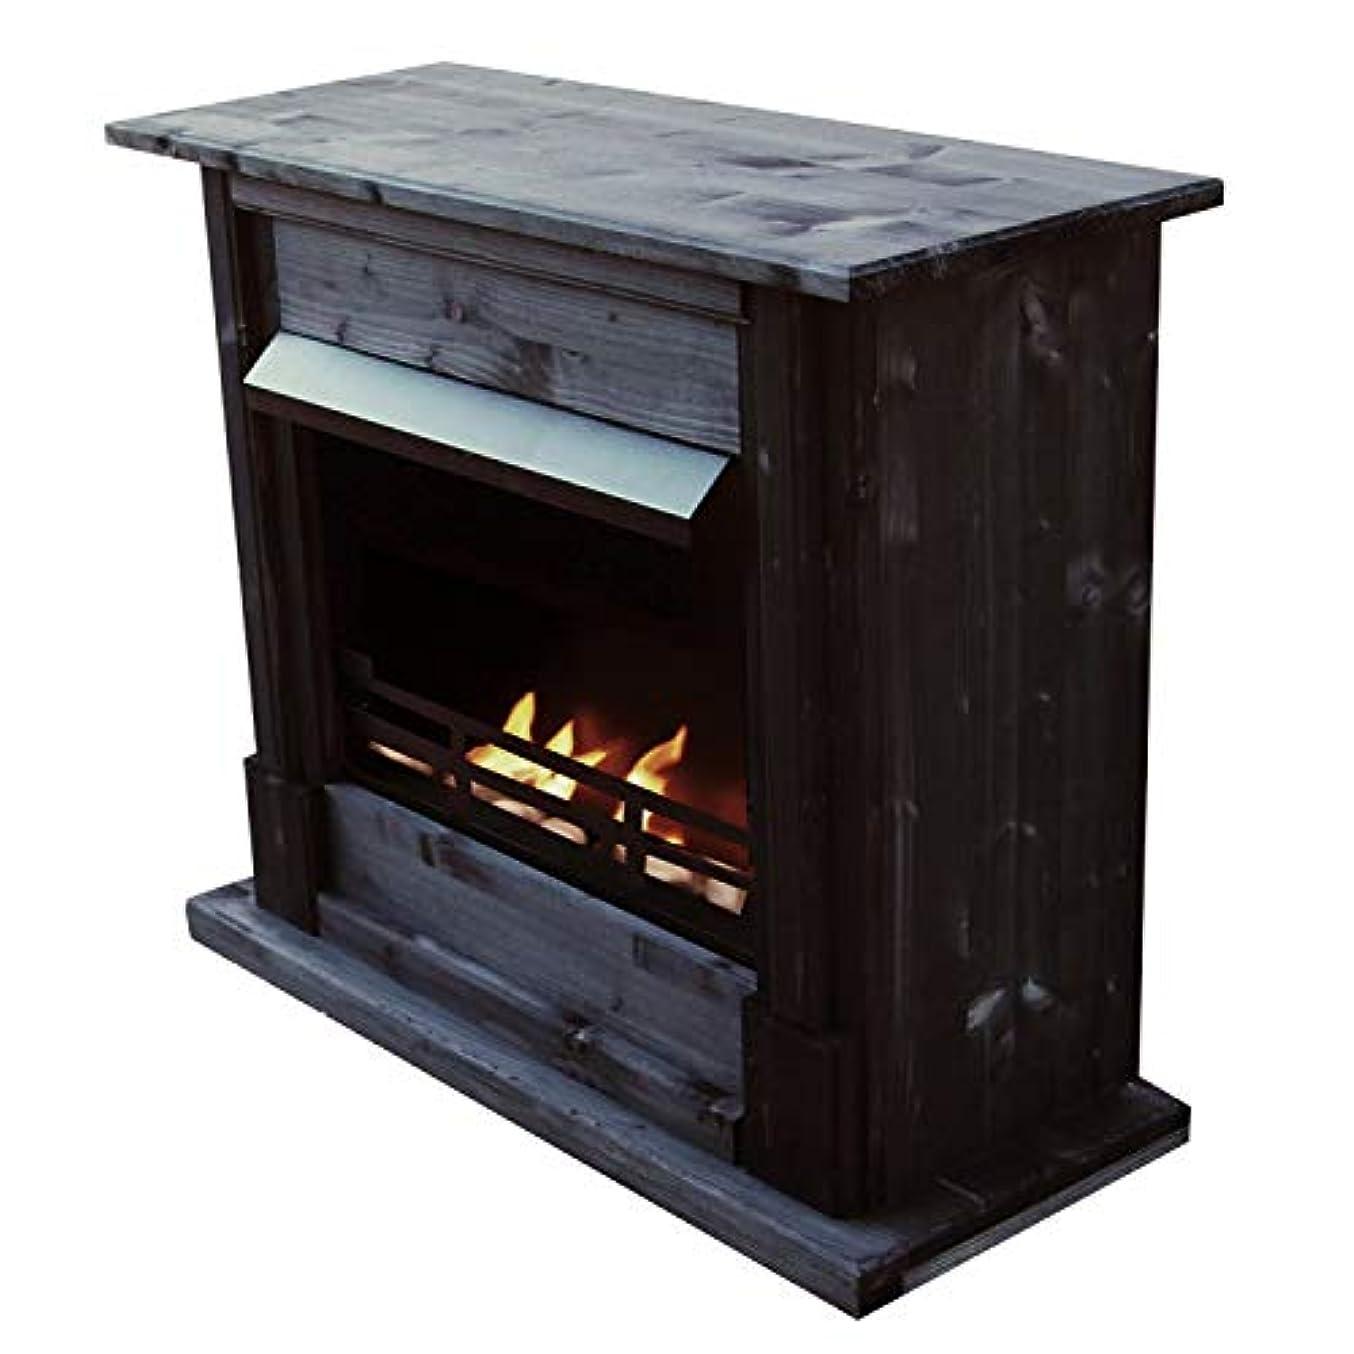 鎮静剤アルプスシャッフルジェル+ ethanol fire-places Emilyデラックスinclusive : 1調節可能なstainless-steel Burner ブラック 10080